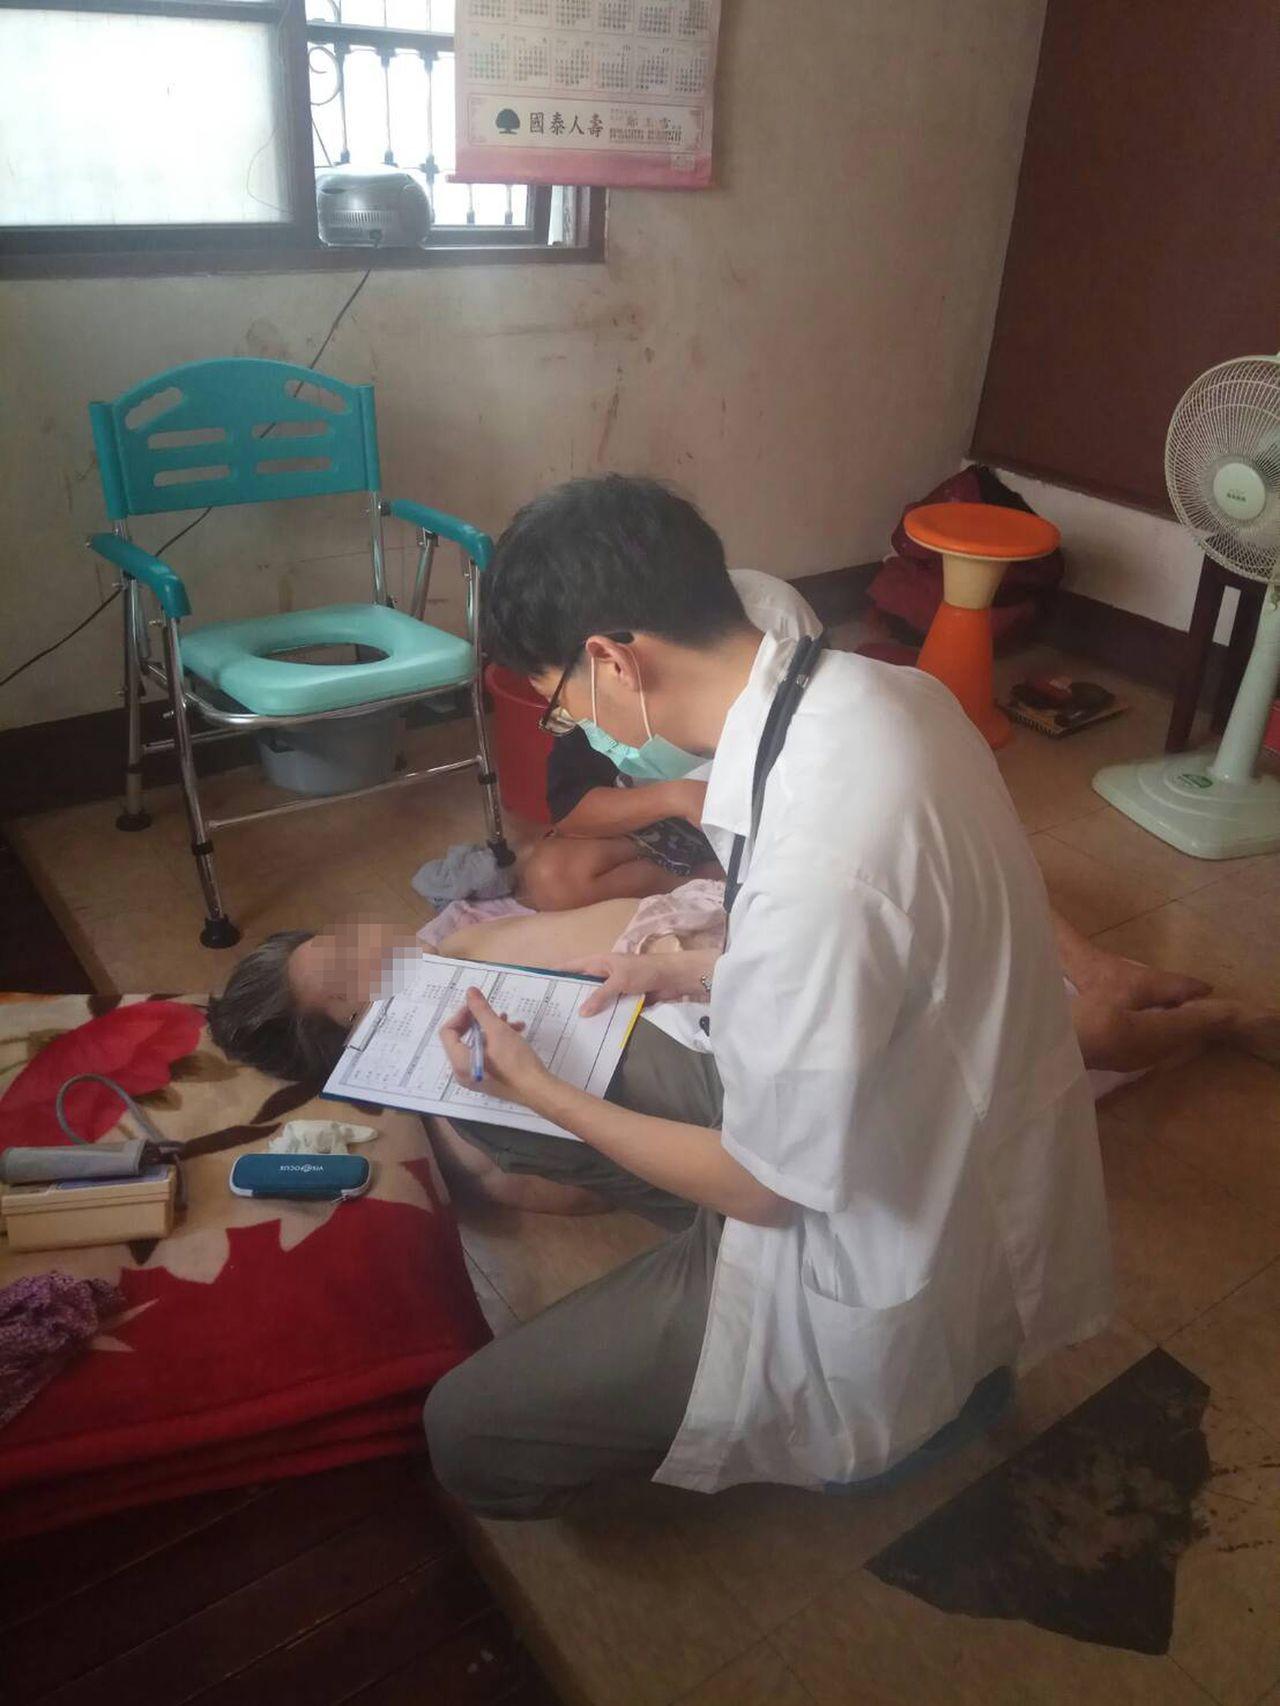 醫師蘇軒到台中市西區陳姓女病患家中,提供居家醫療協助,省去病患及家屬就醫奔波、租...